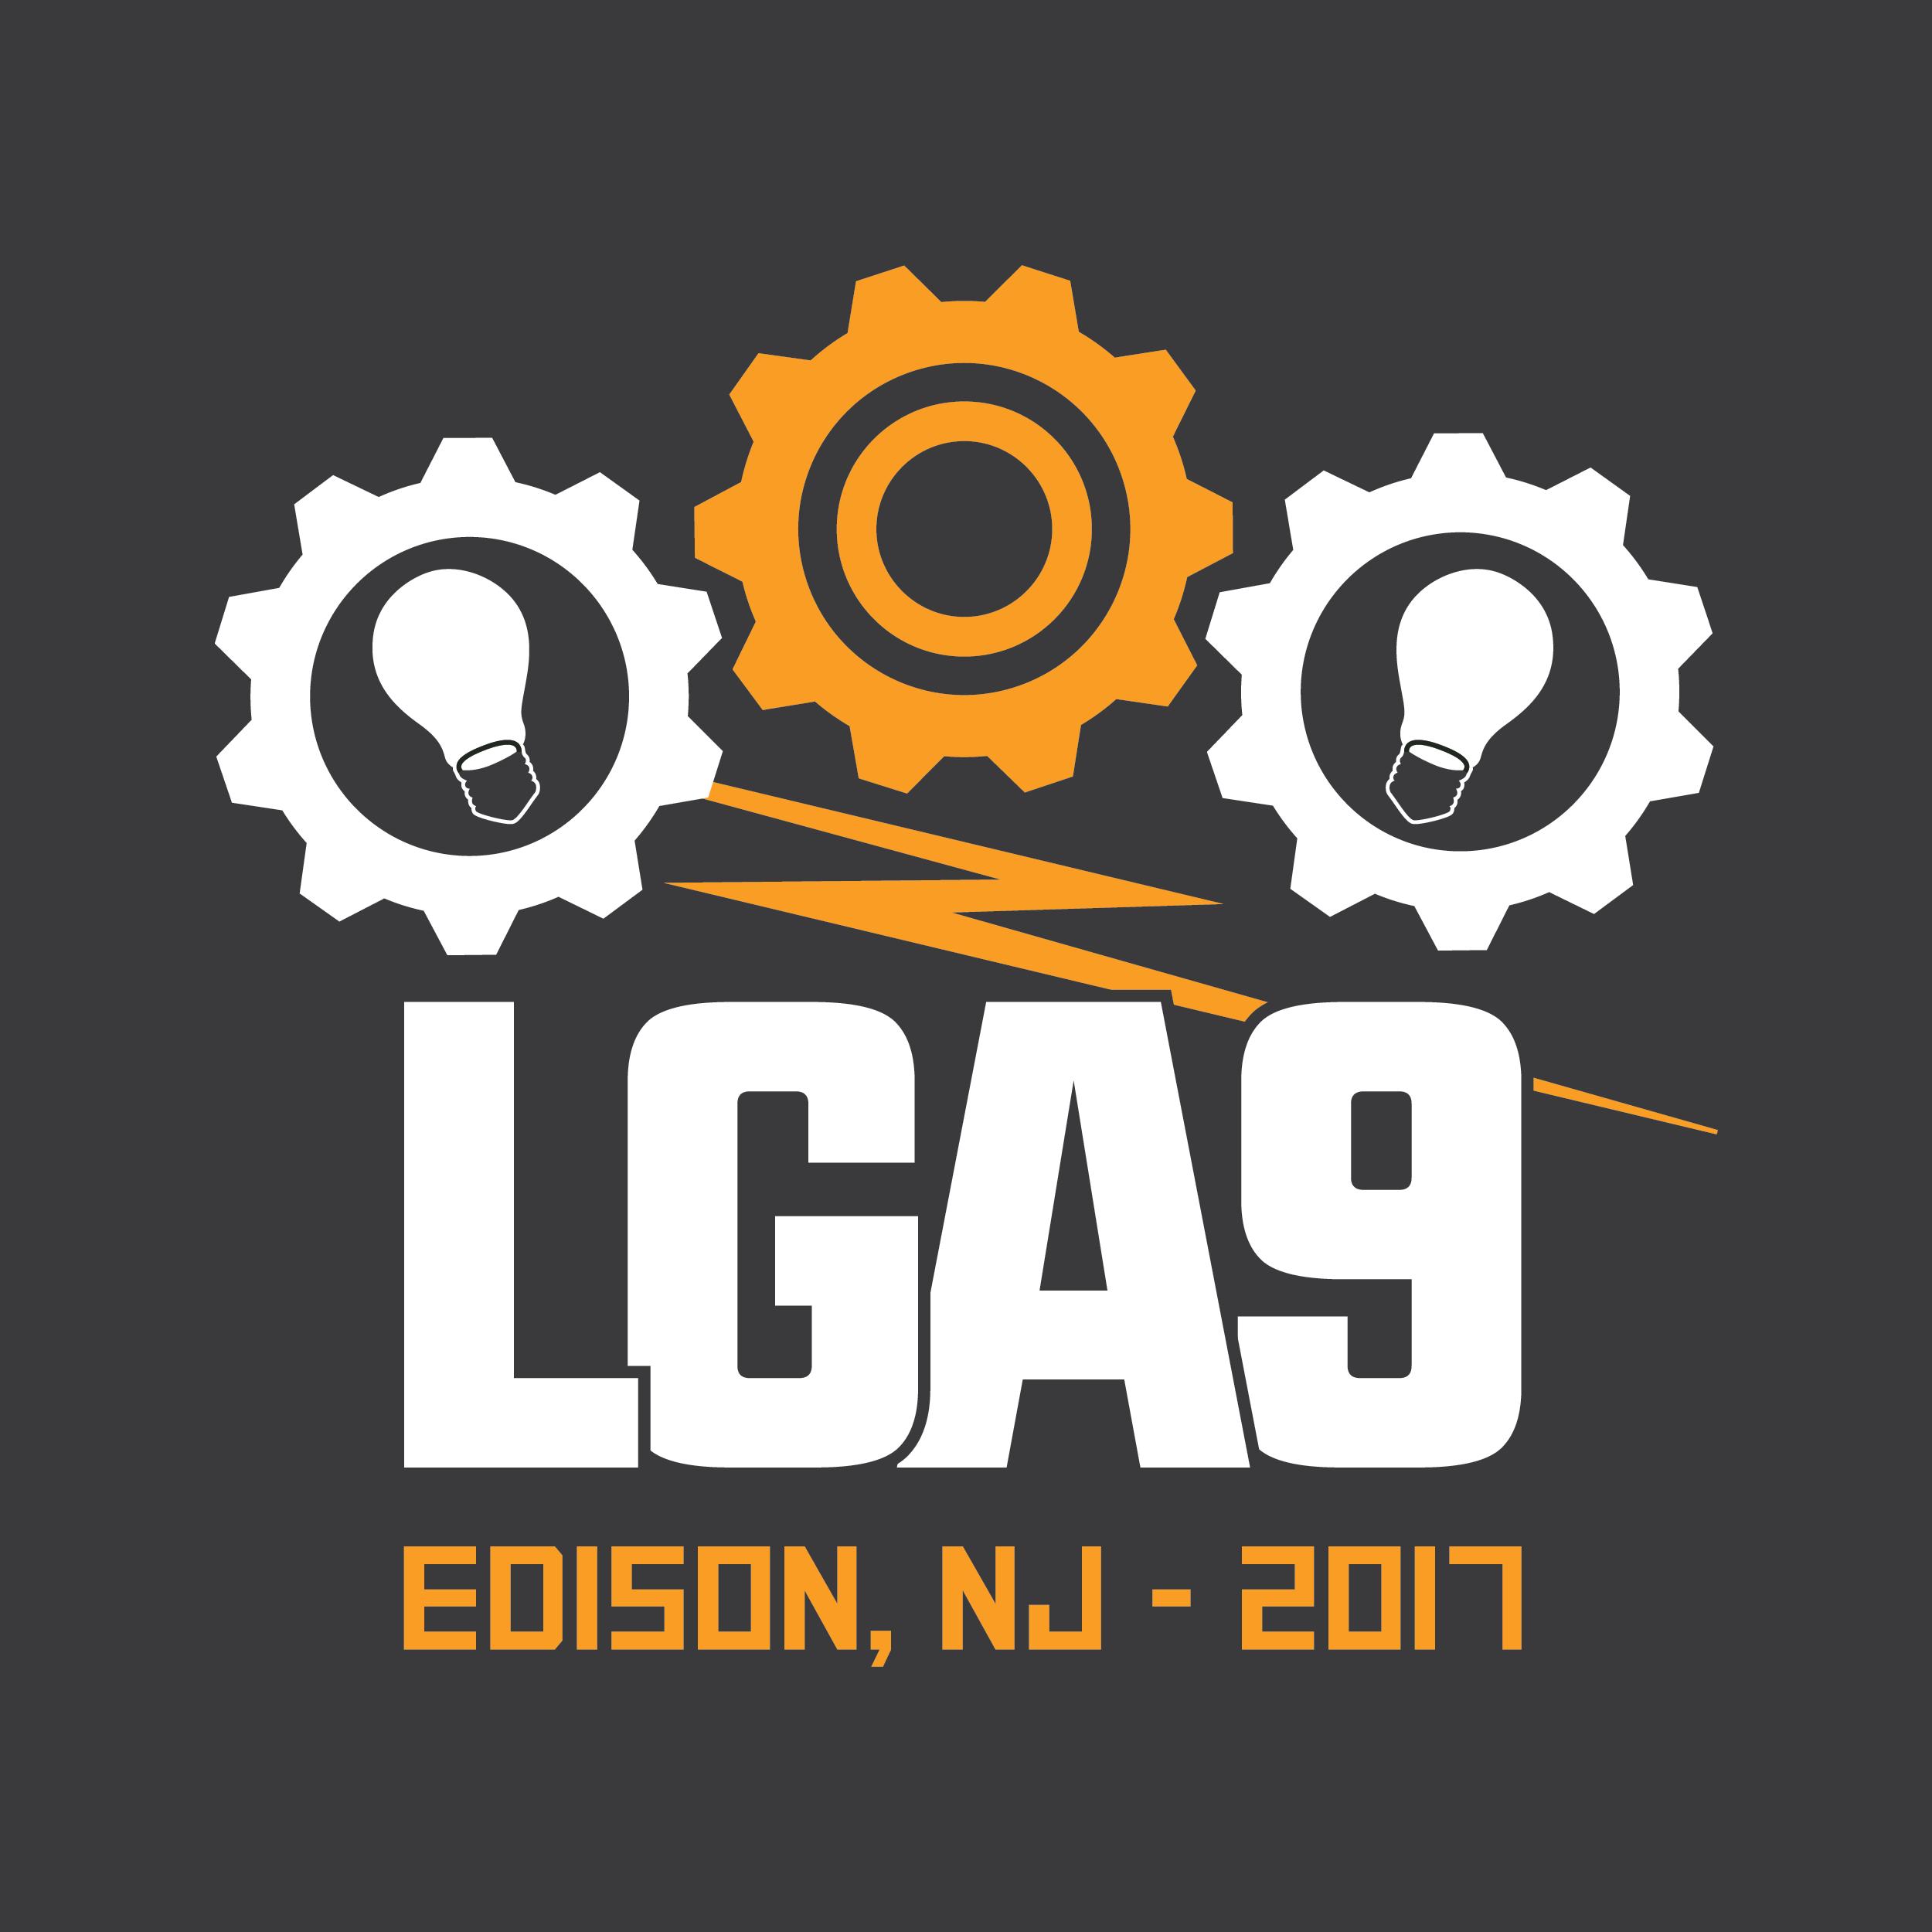 Amazon LGA9 Shirt Logo